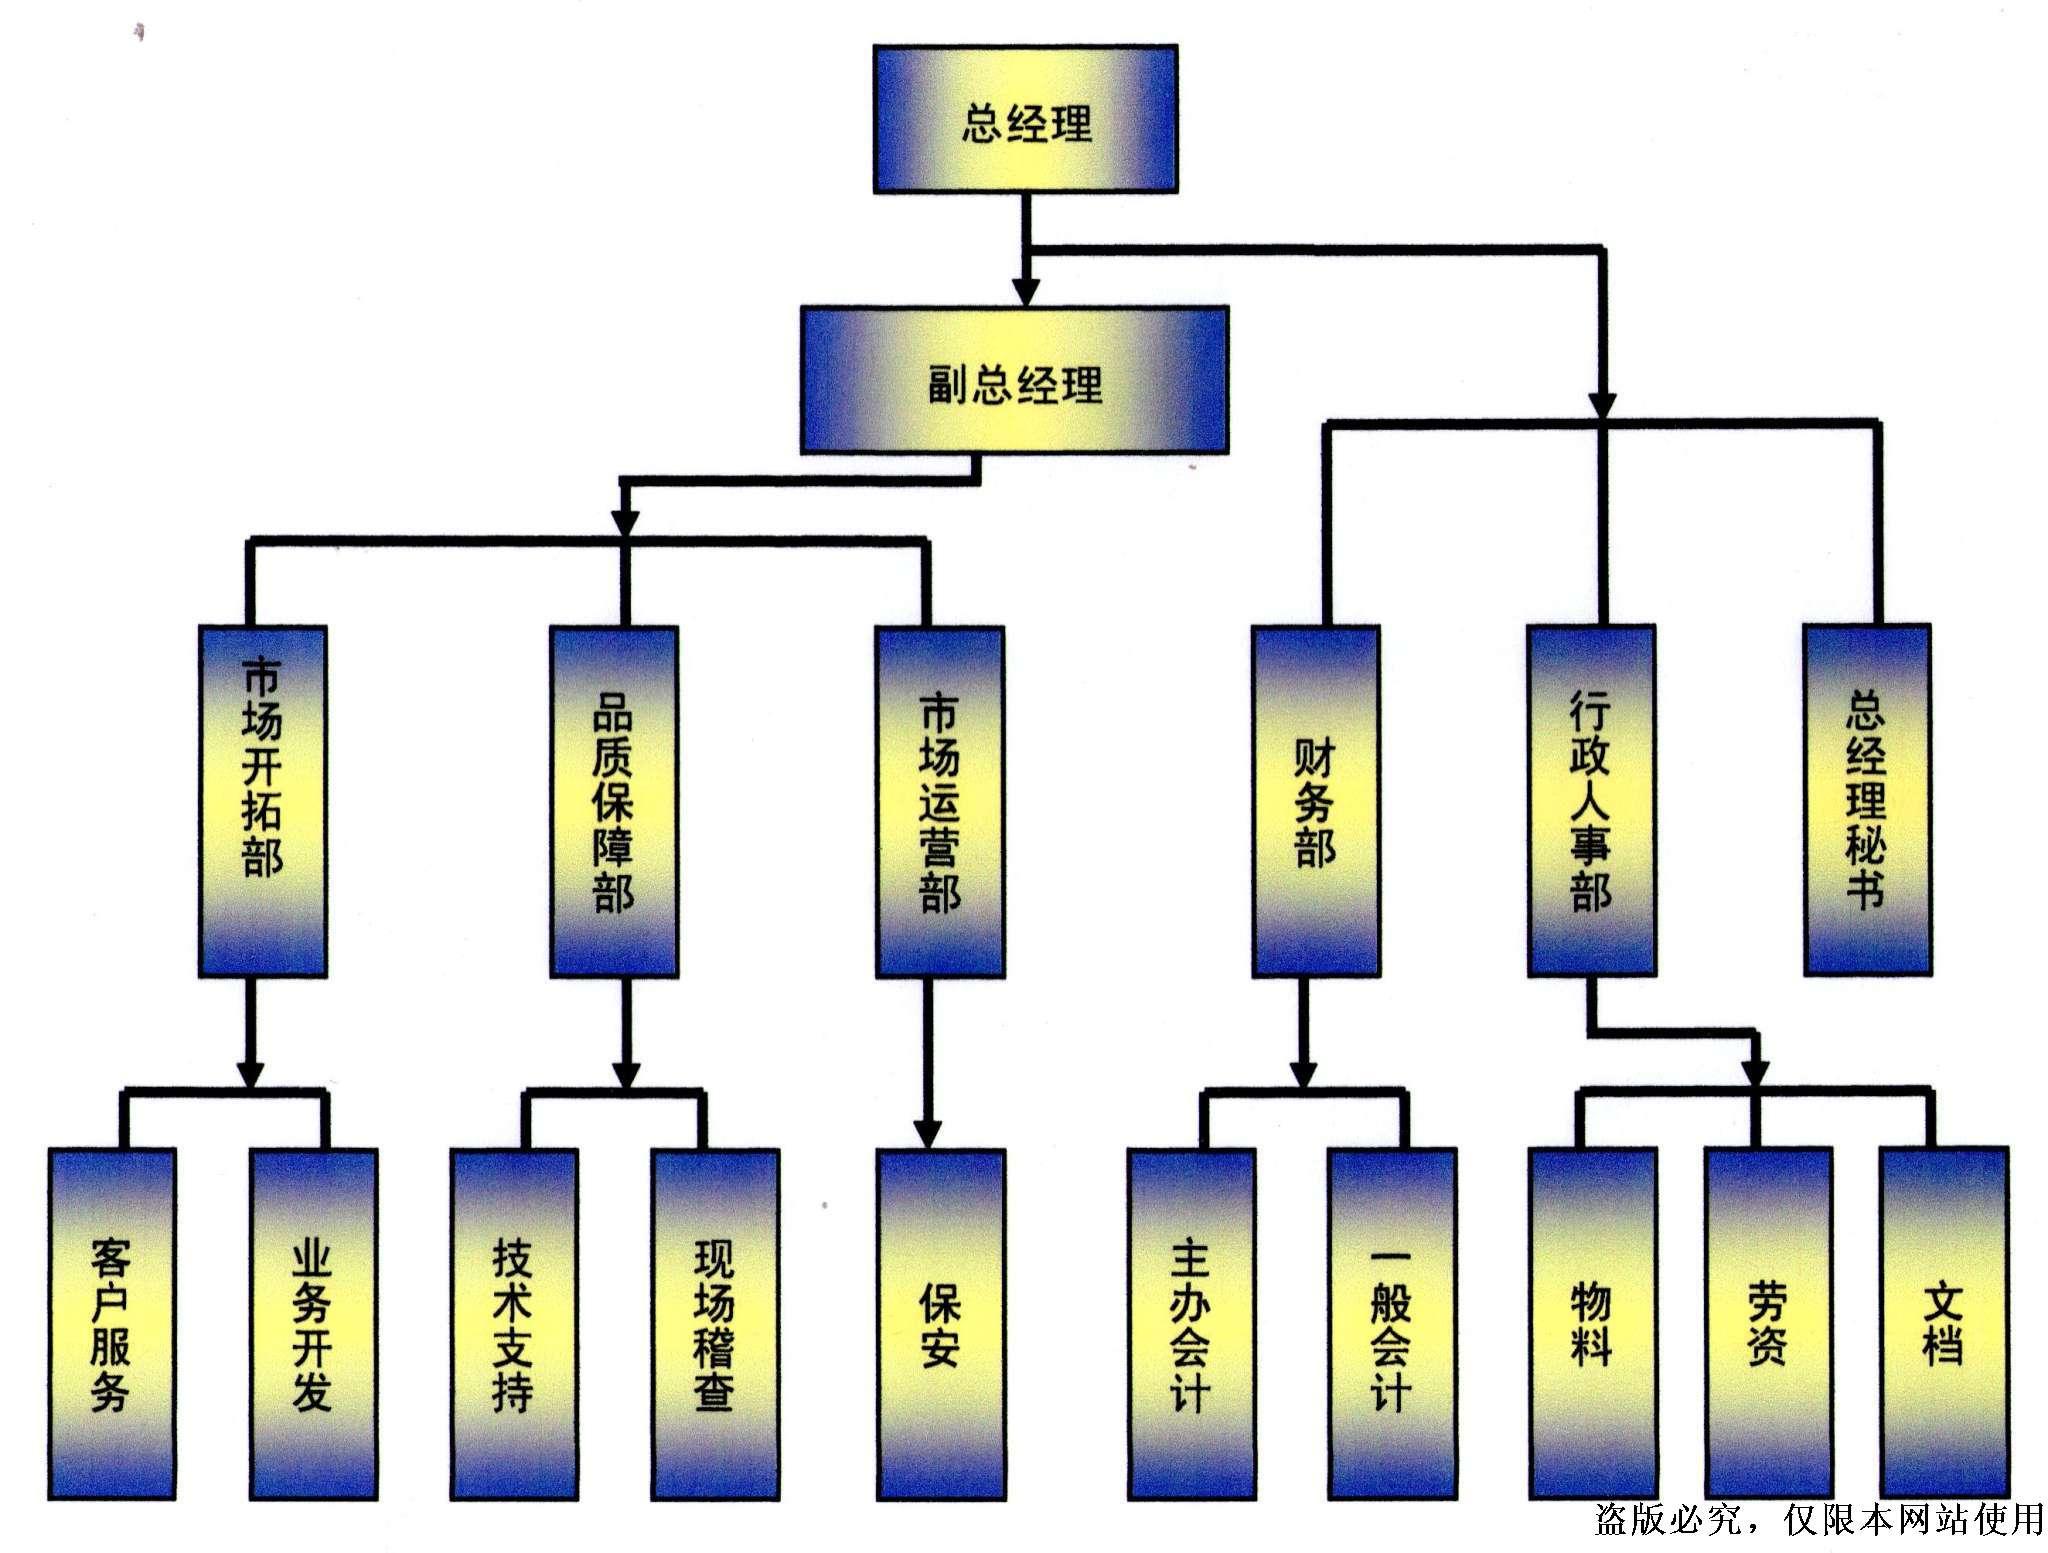 最新各部组织架构图.图片